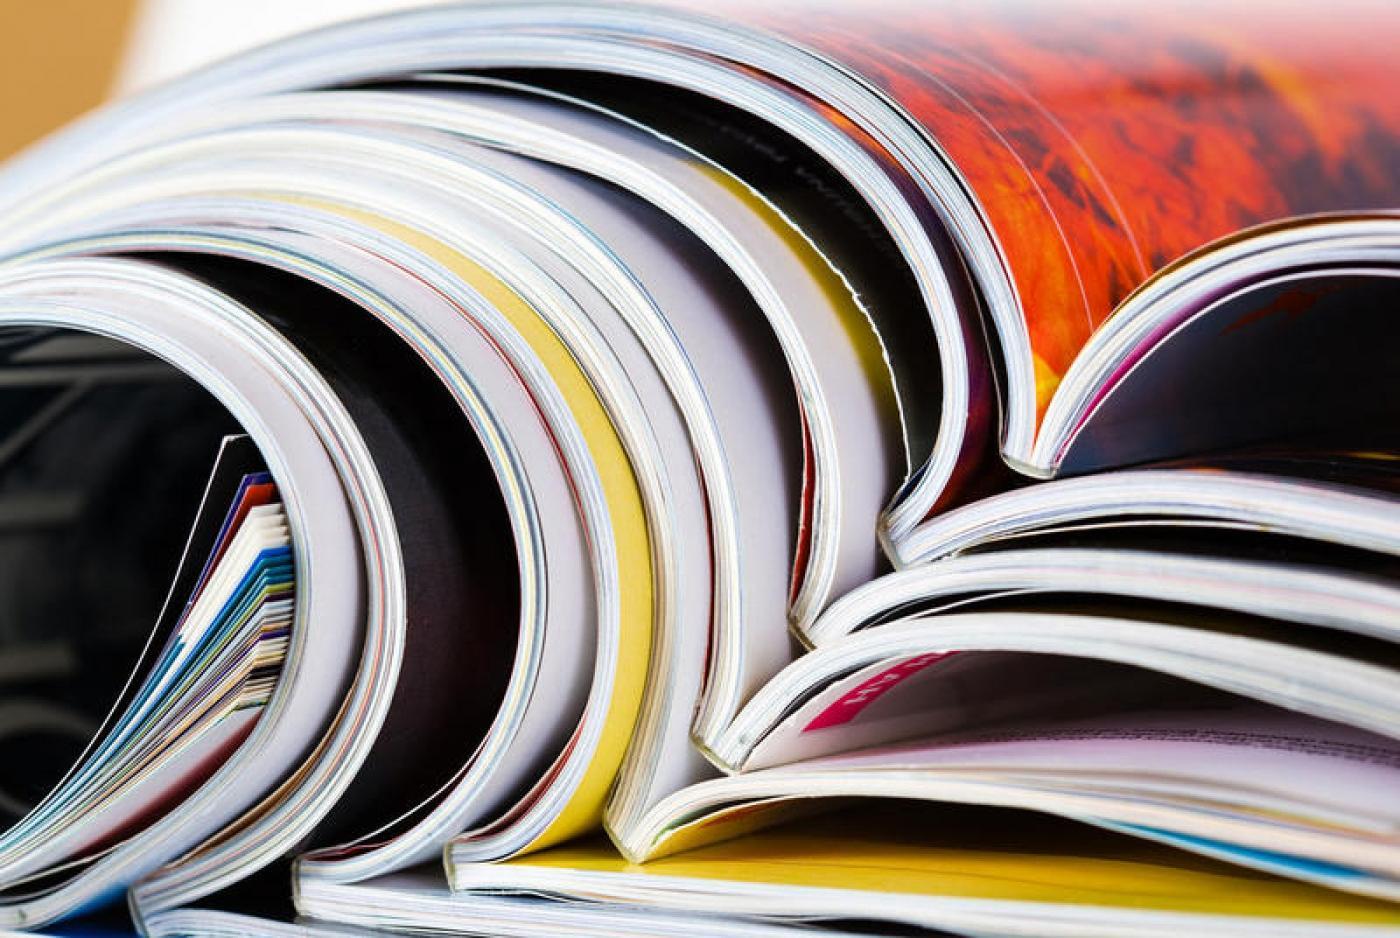 Научные журналы БНТУ в международном научно-информационном пространстве